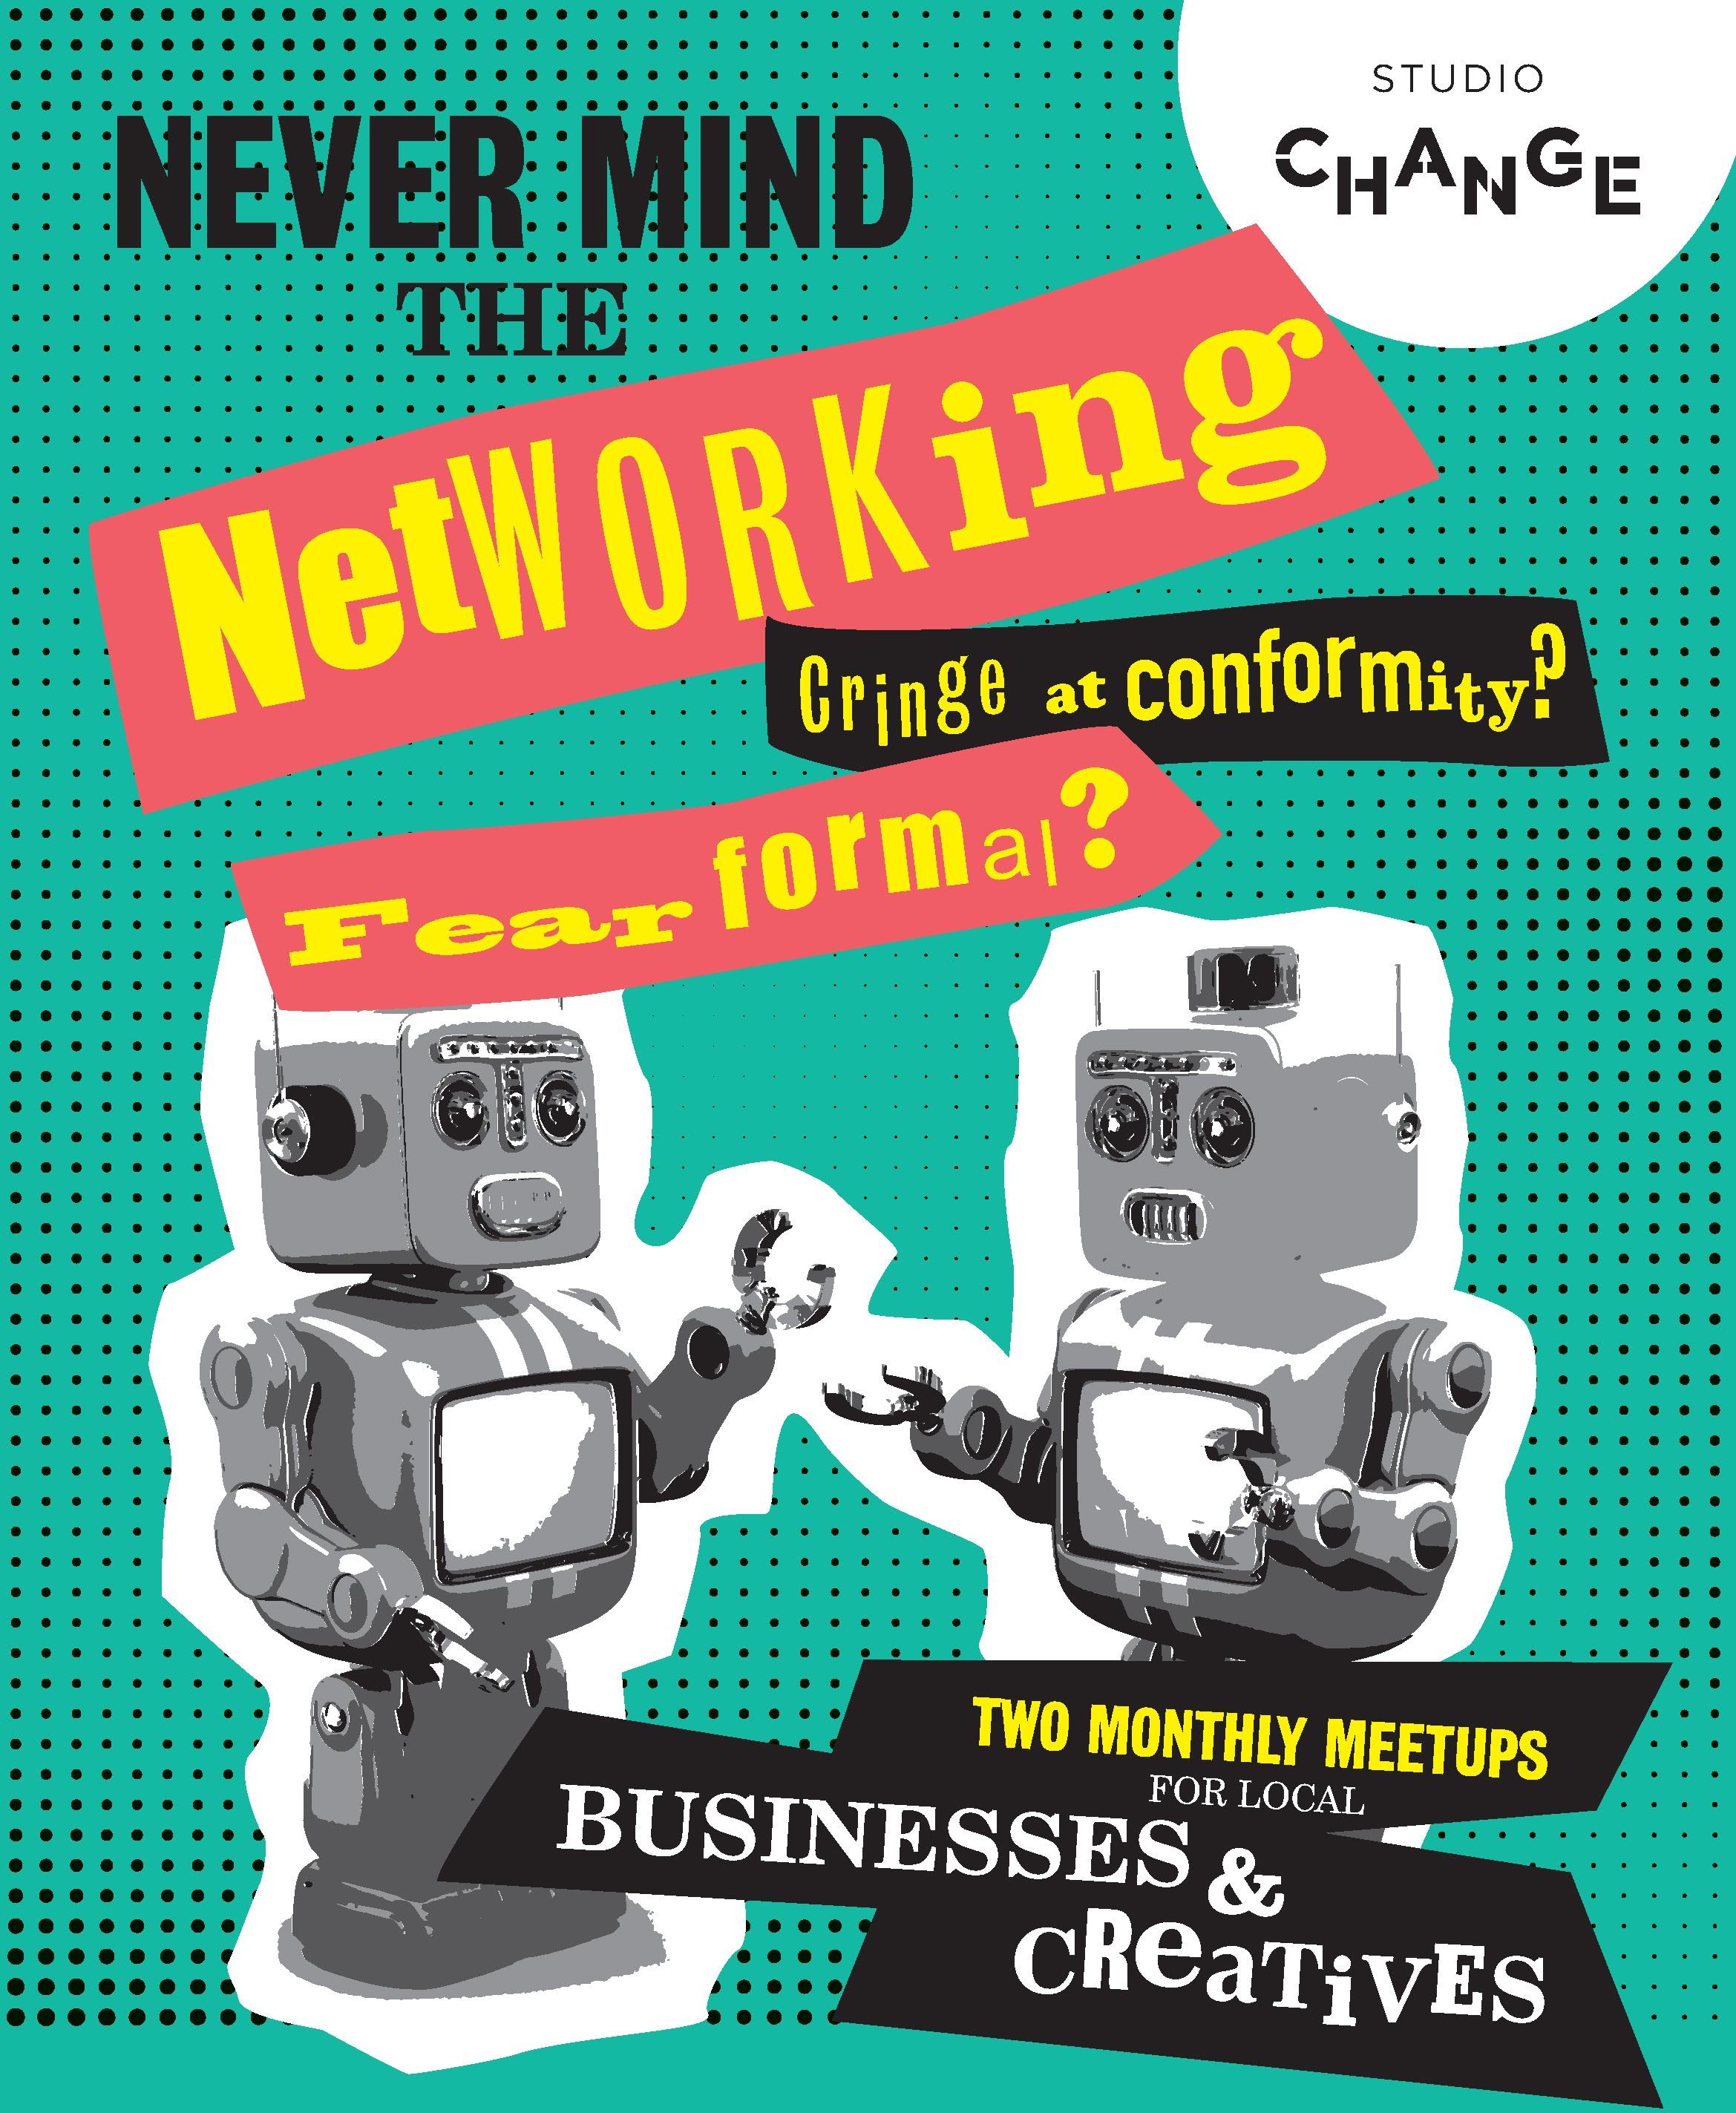 StudioChange_MeetUp_Poster_02 .jpg